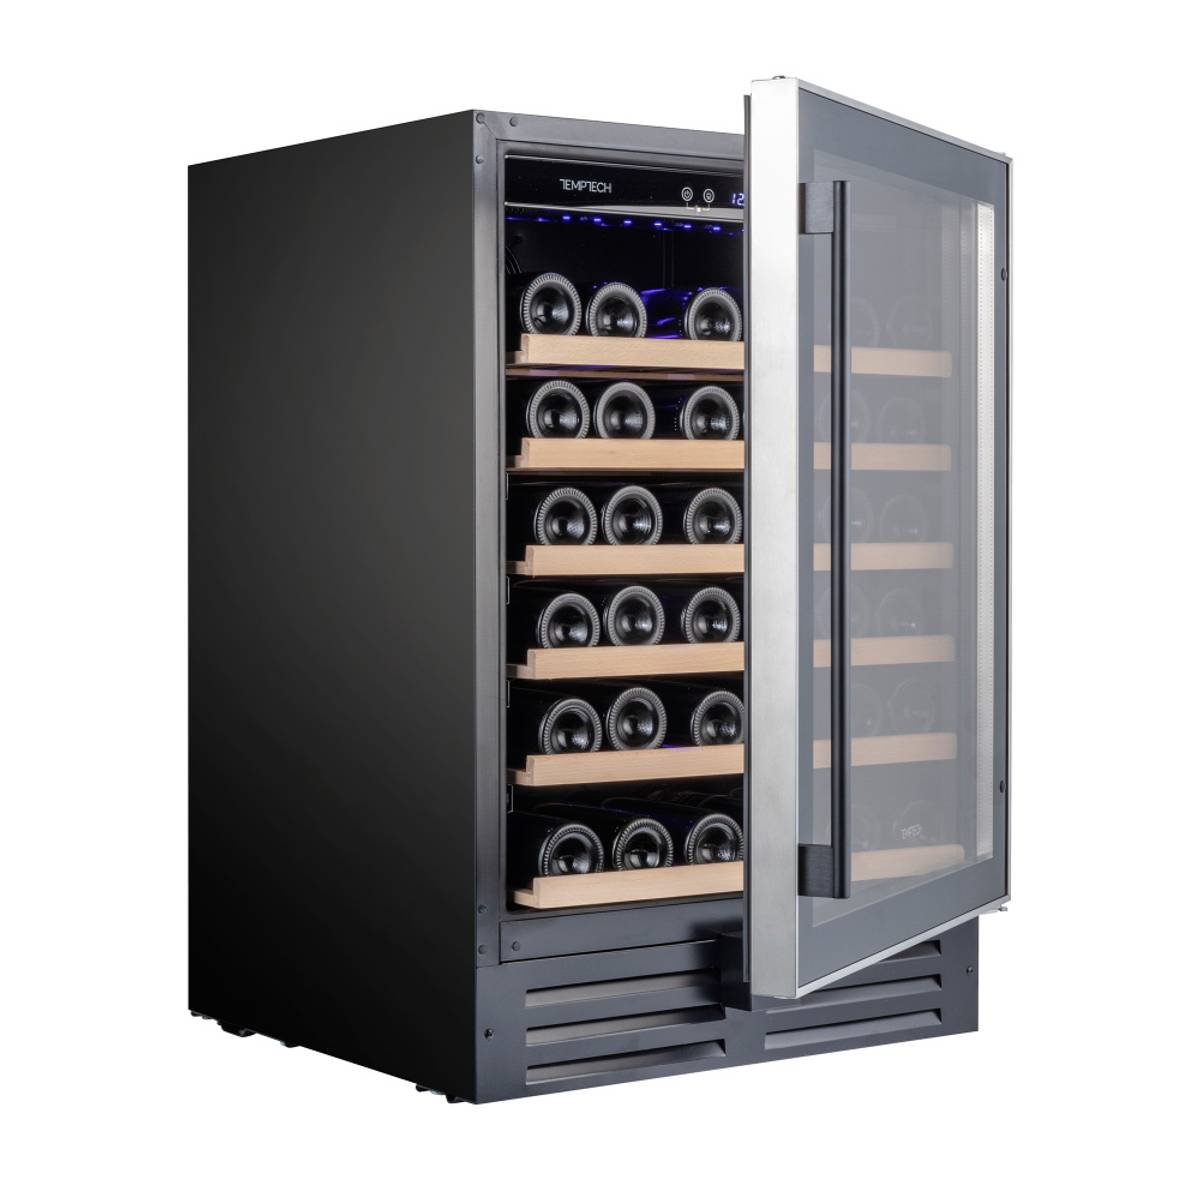 Temptech Premium vinskap, 60 cm, 1 sone, 46 flasker